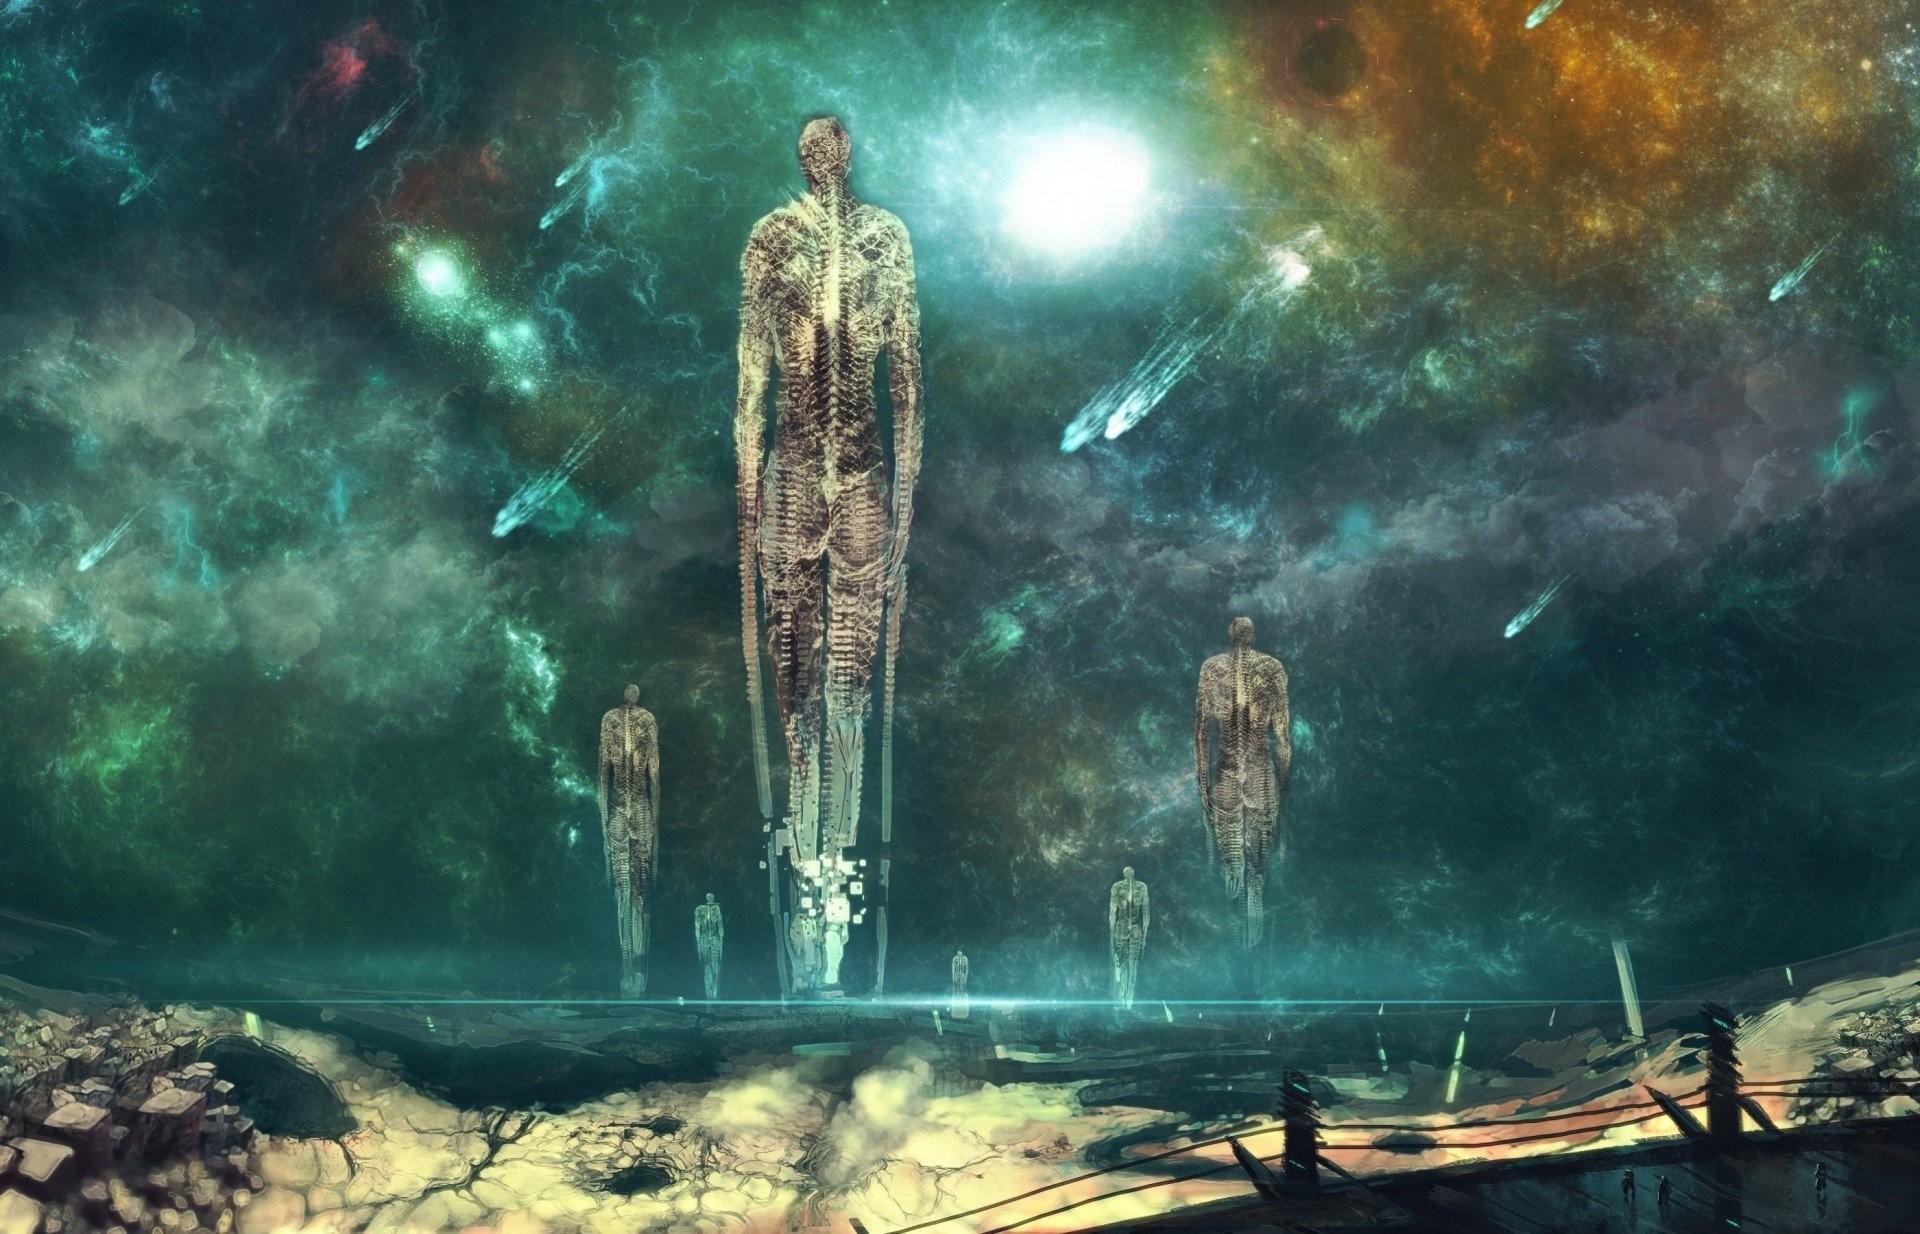 alien landscapes wallpaper 1080p – photo #11